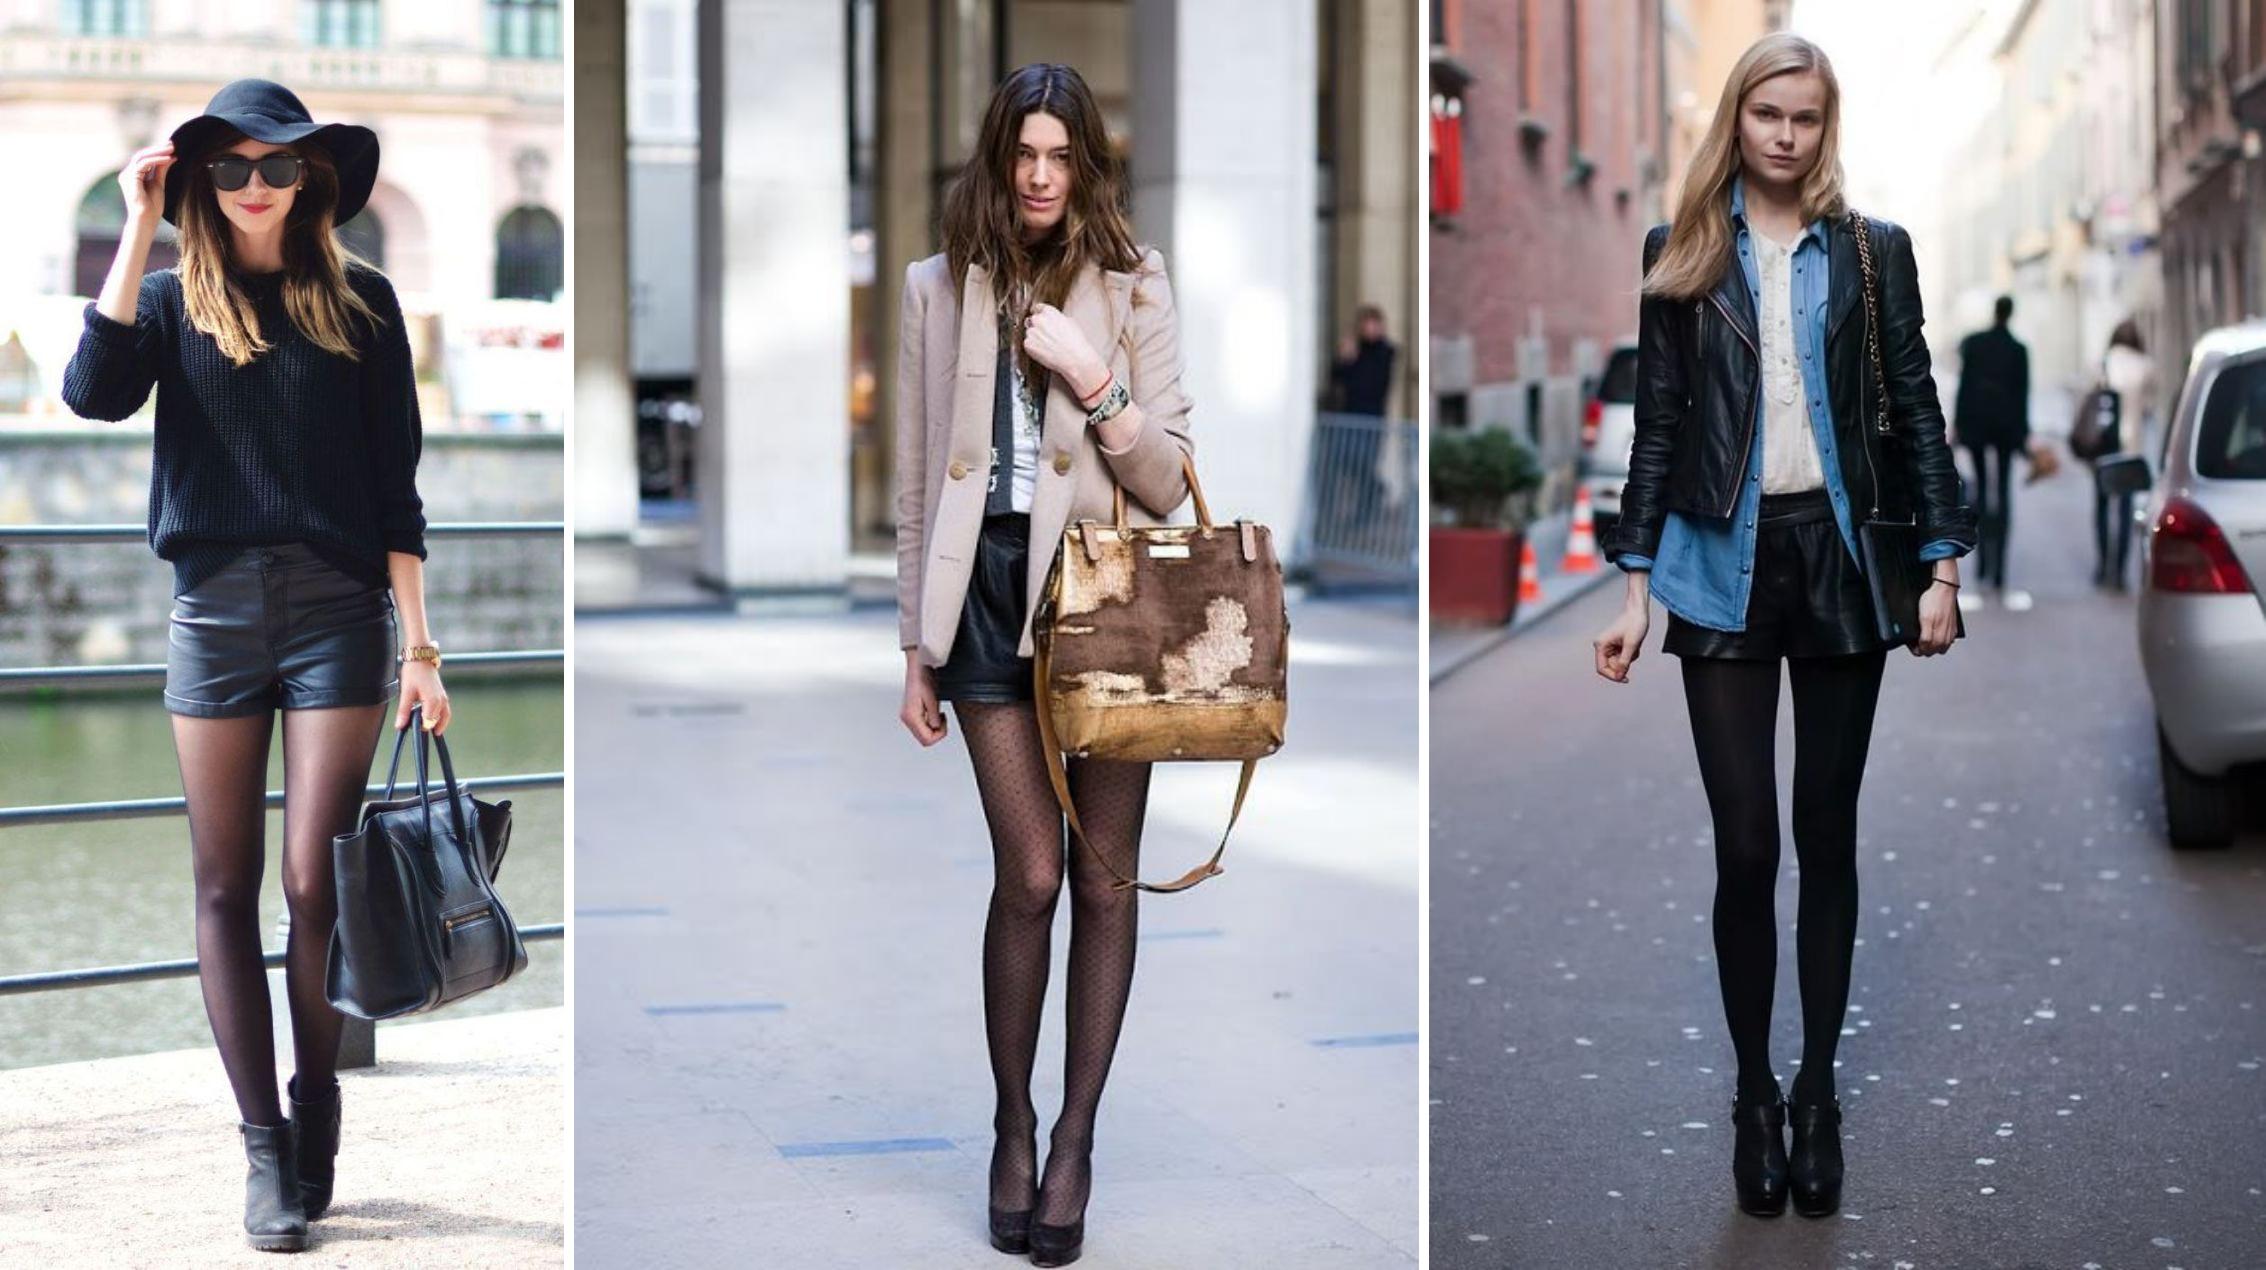 dicas de estilo no inverno como usar meia calca